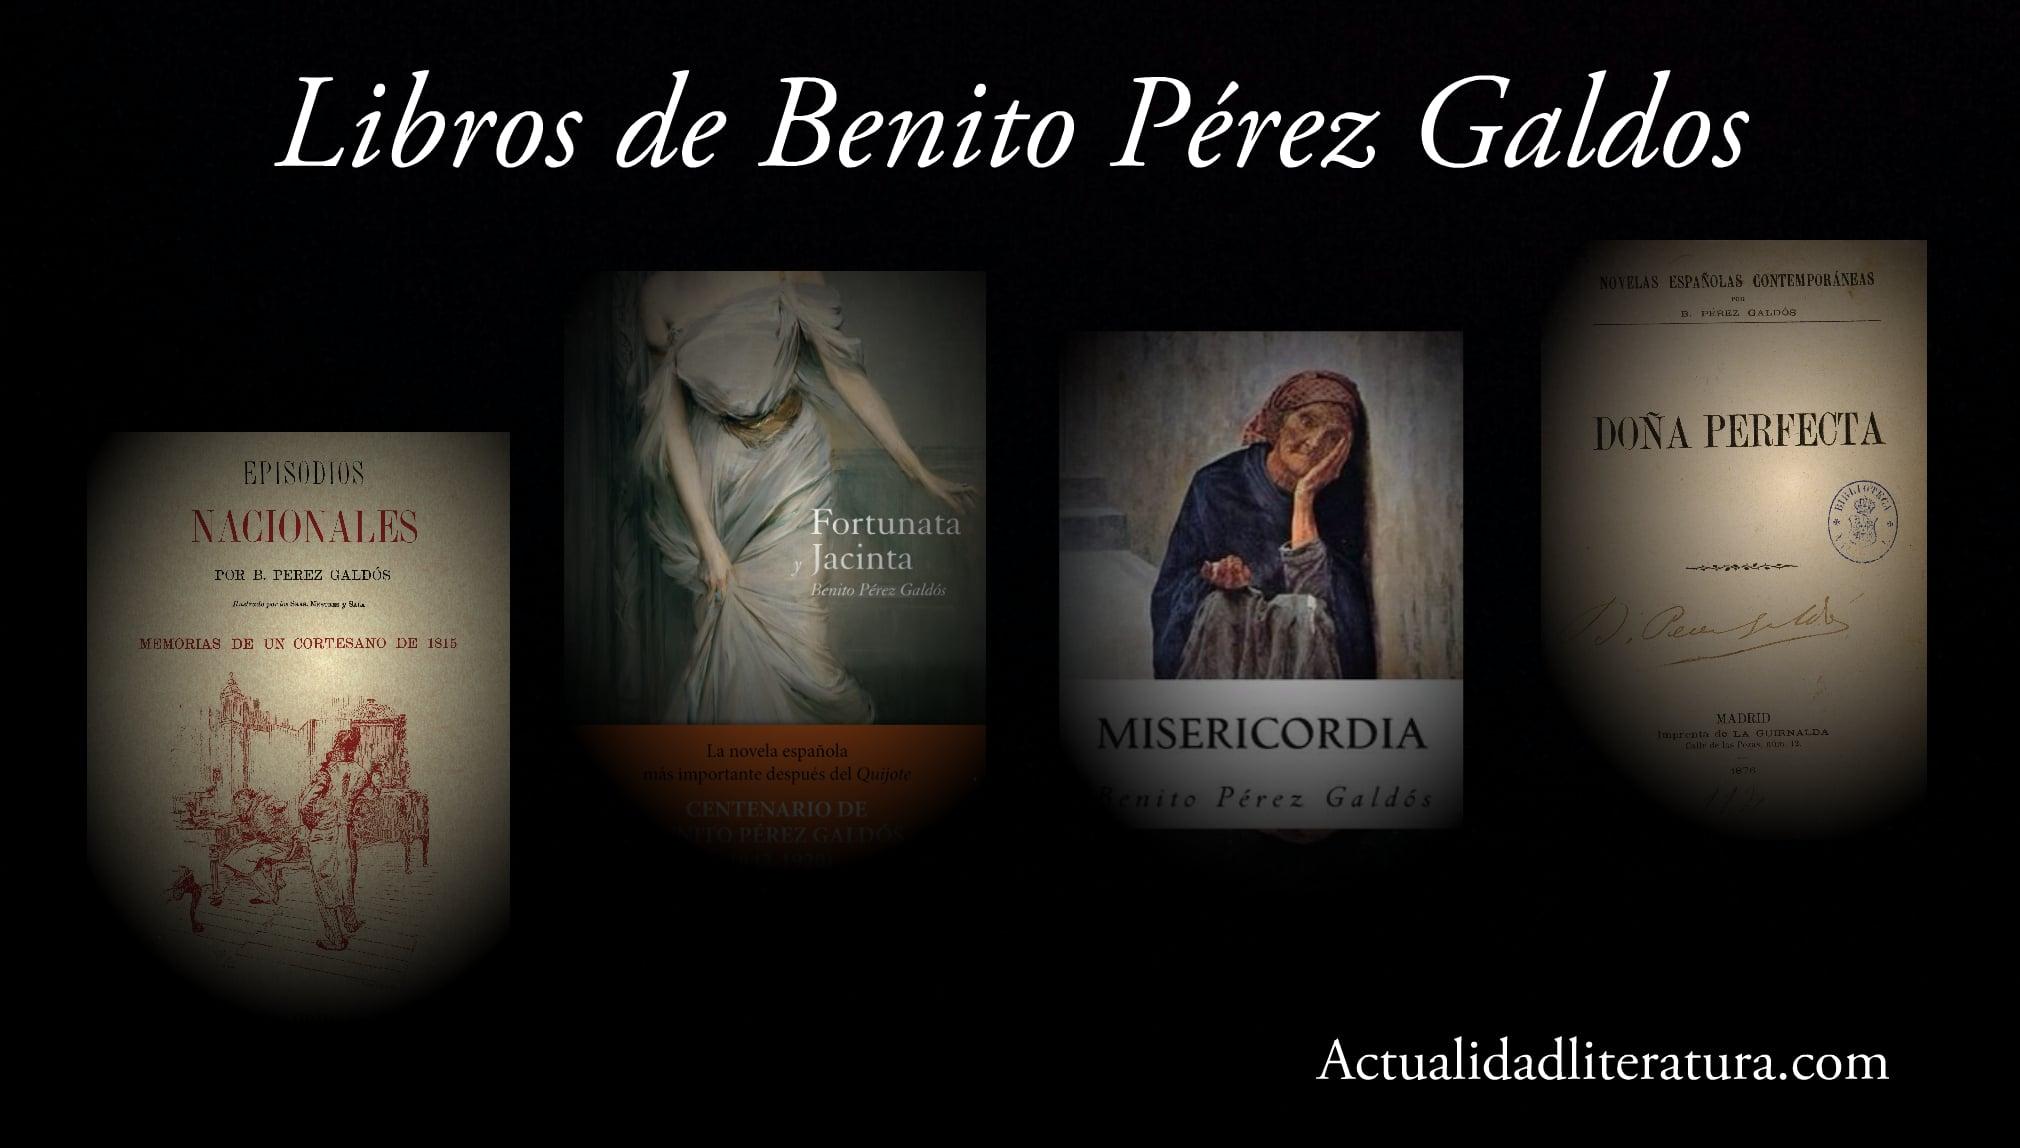 Libros de Benito Pérez Galdos